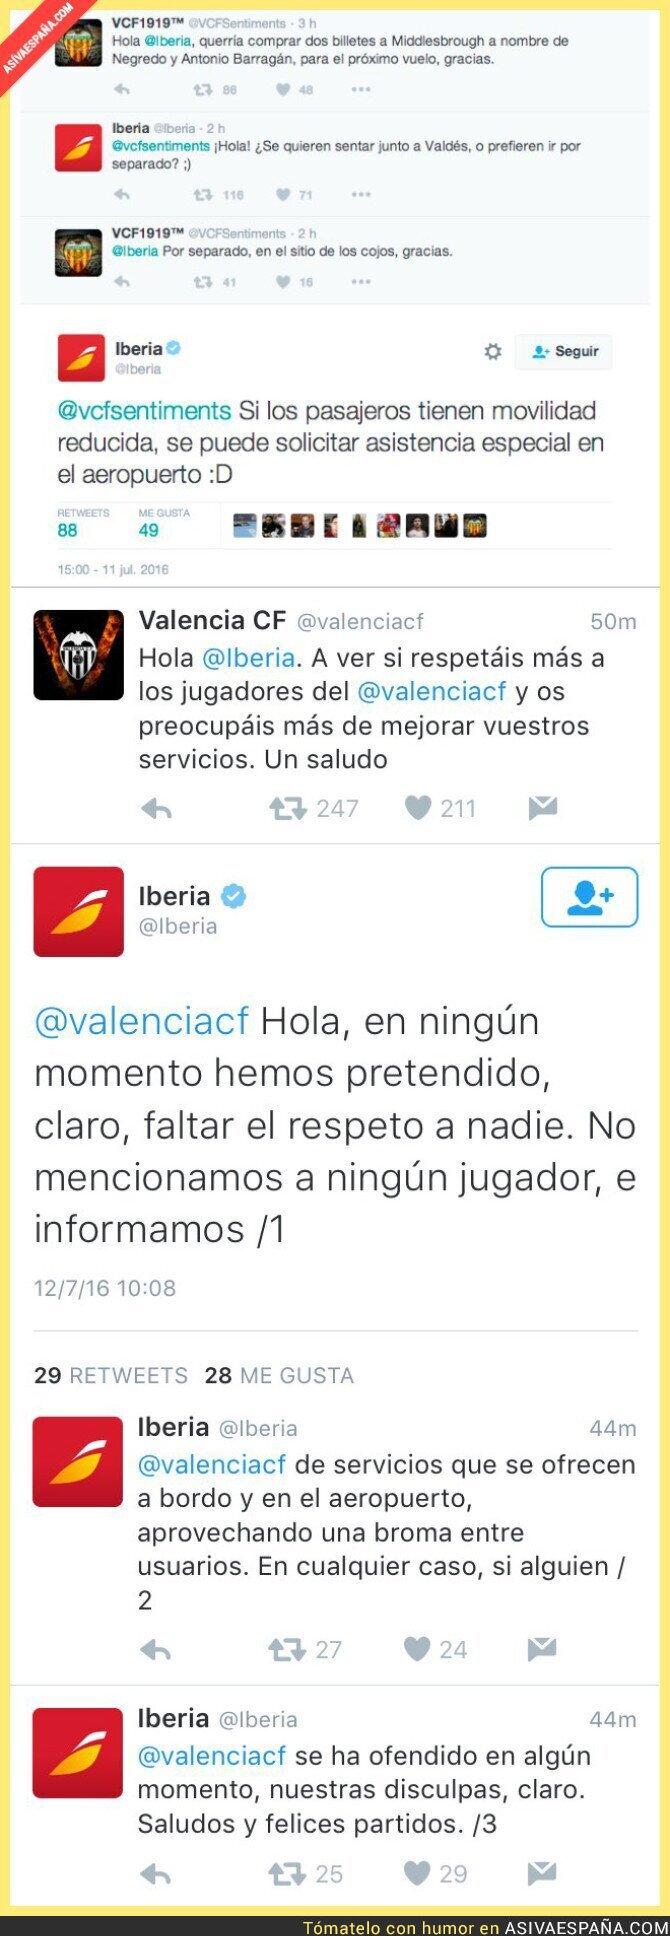 48860 - El Valencia CF se indigna en Twitter tras estos tuits de Iberia buscándole asiento a Negredo